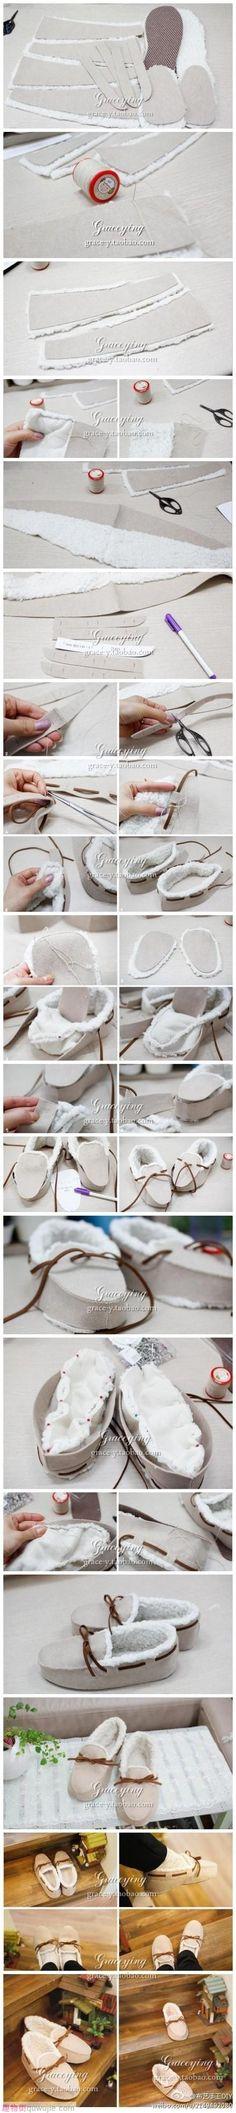 DIY slippers uden sløjferne